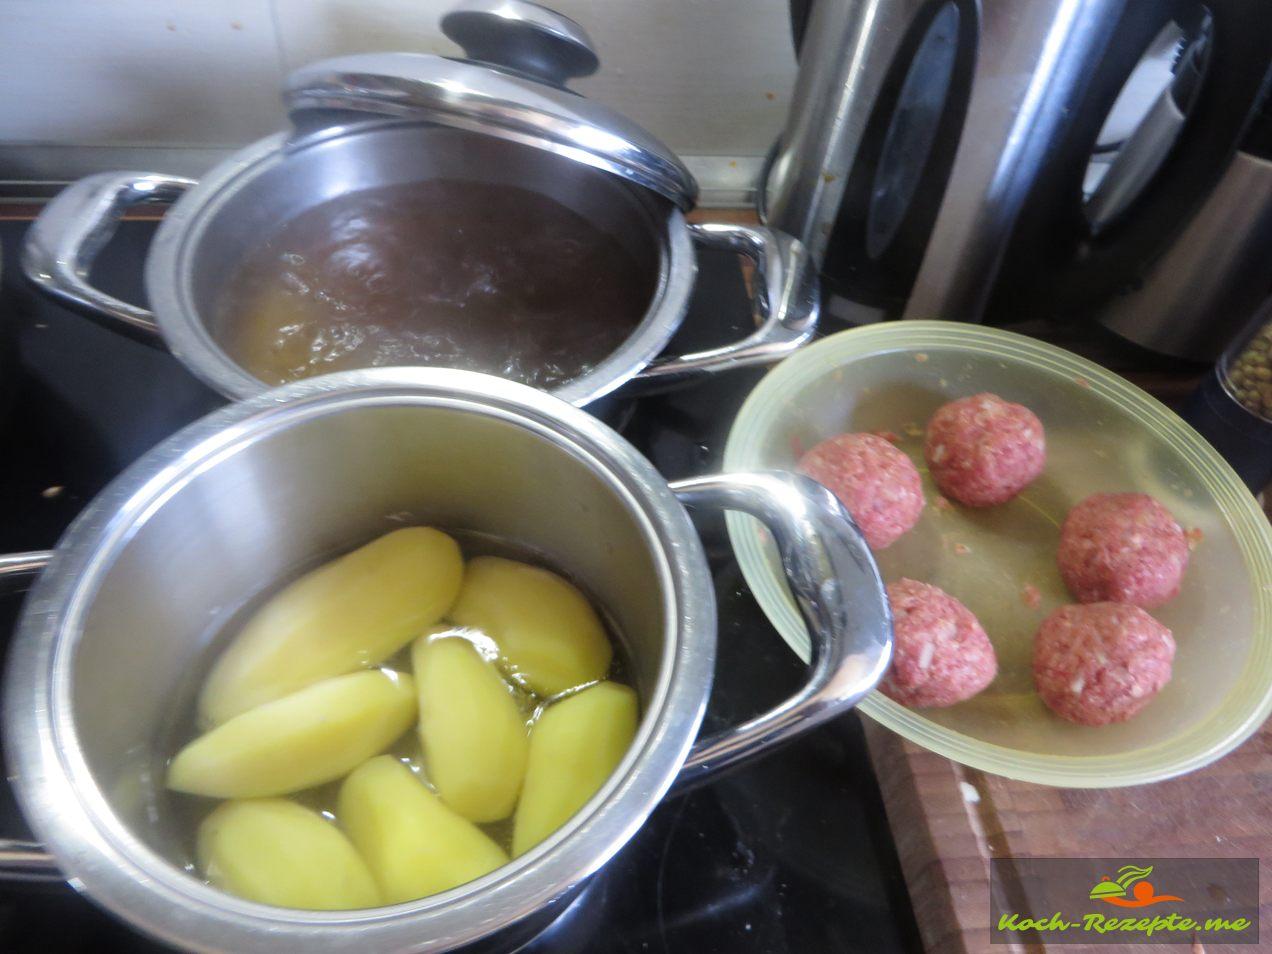 Rinderbrühe aufstellen  und kochen,dann die Klopse darinn 15 -20 Min. ziehen,garen lassen